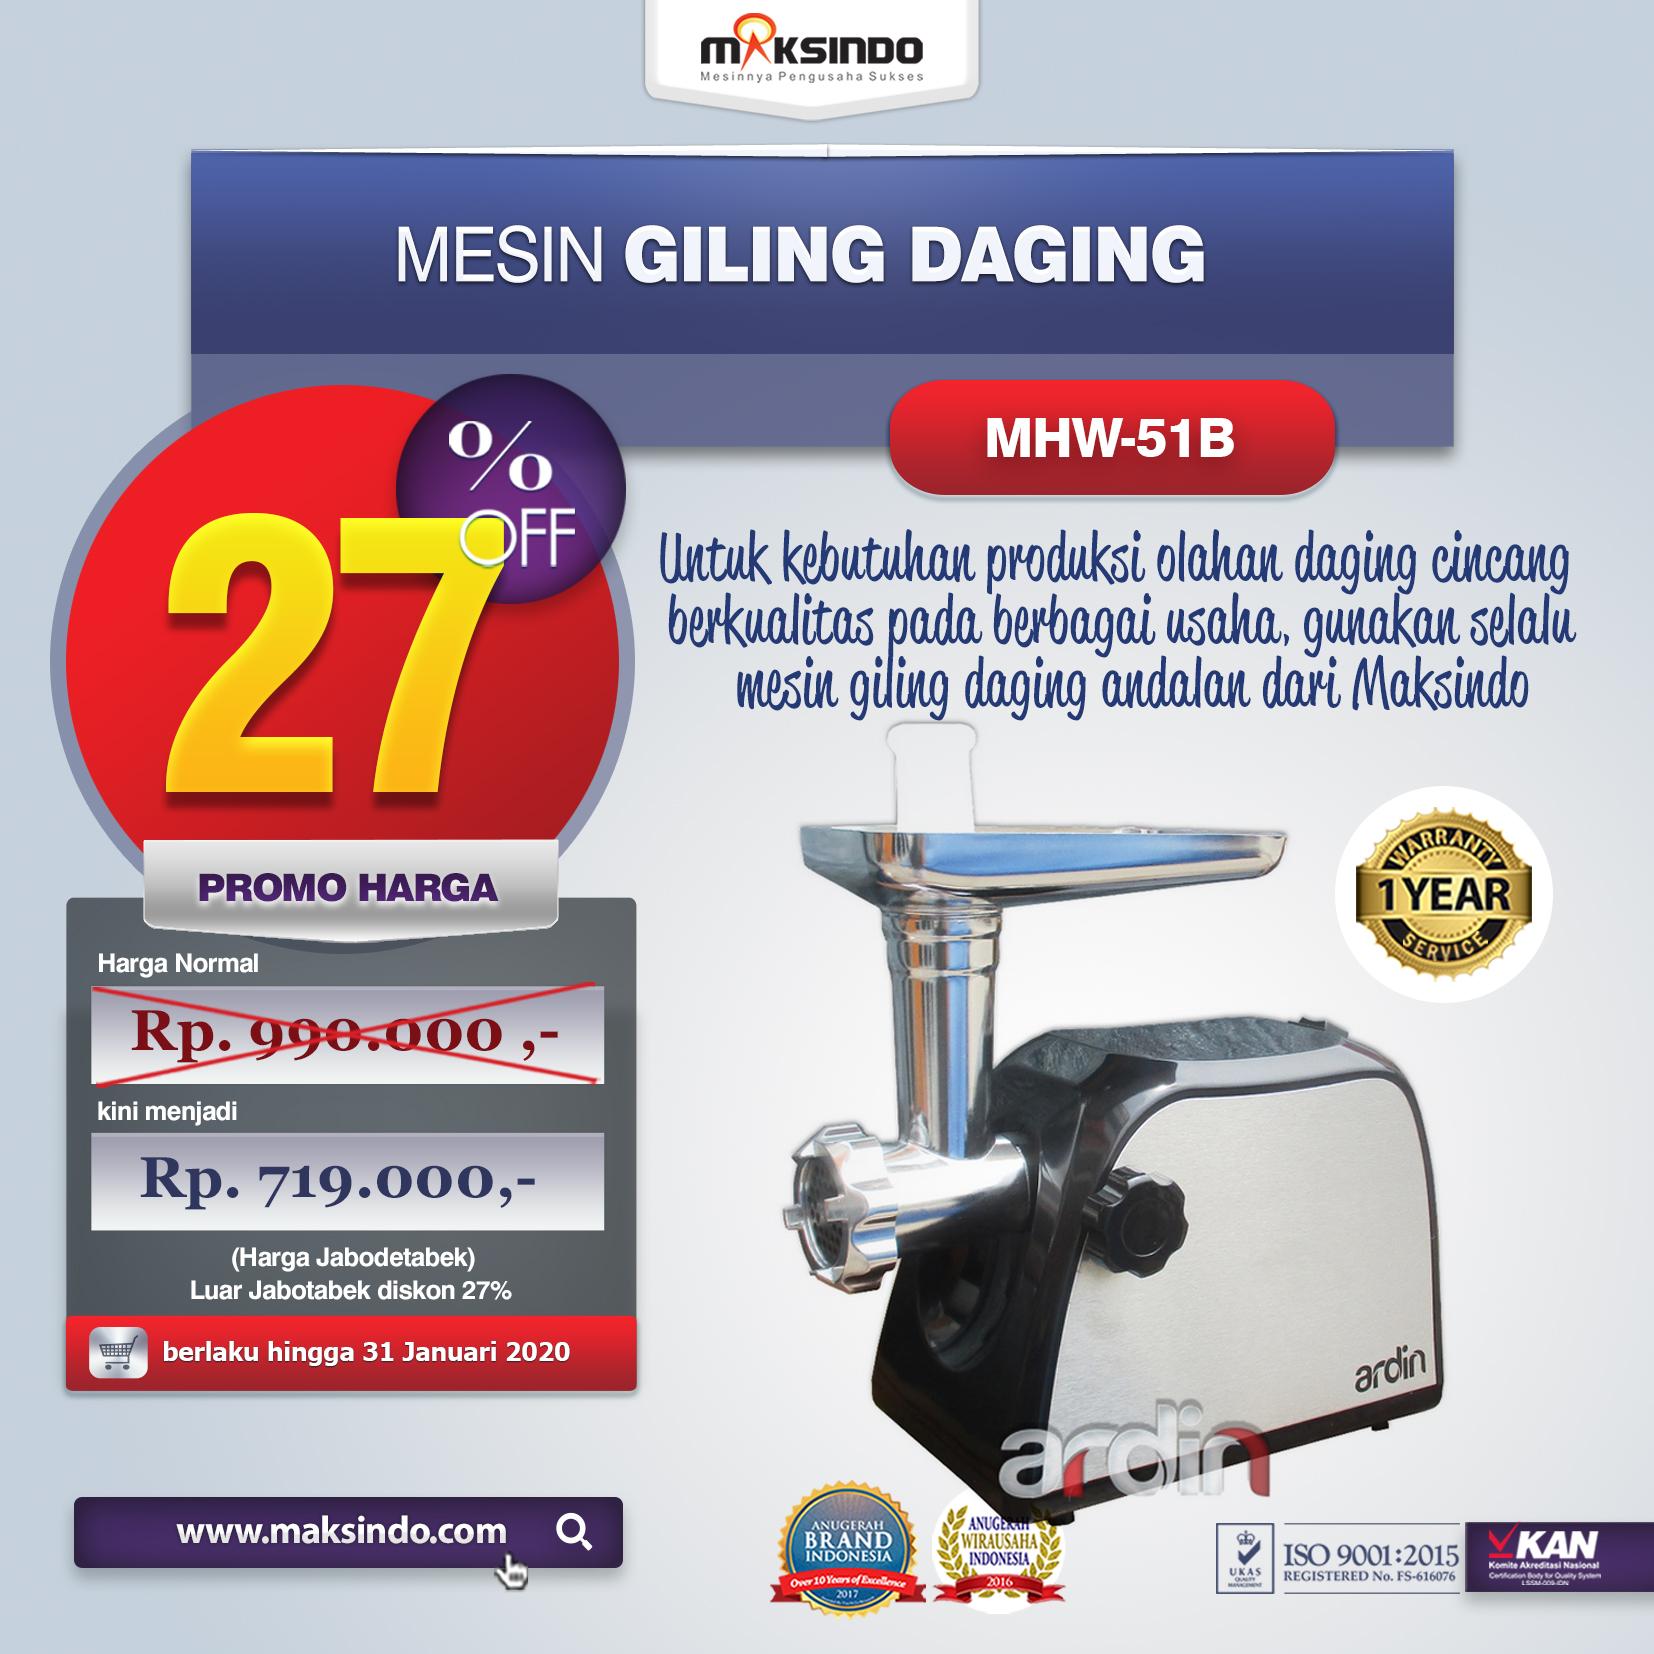 MHW G51B Mesin GILING DAGING